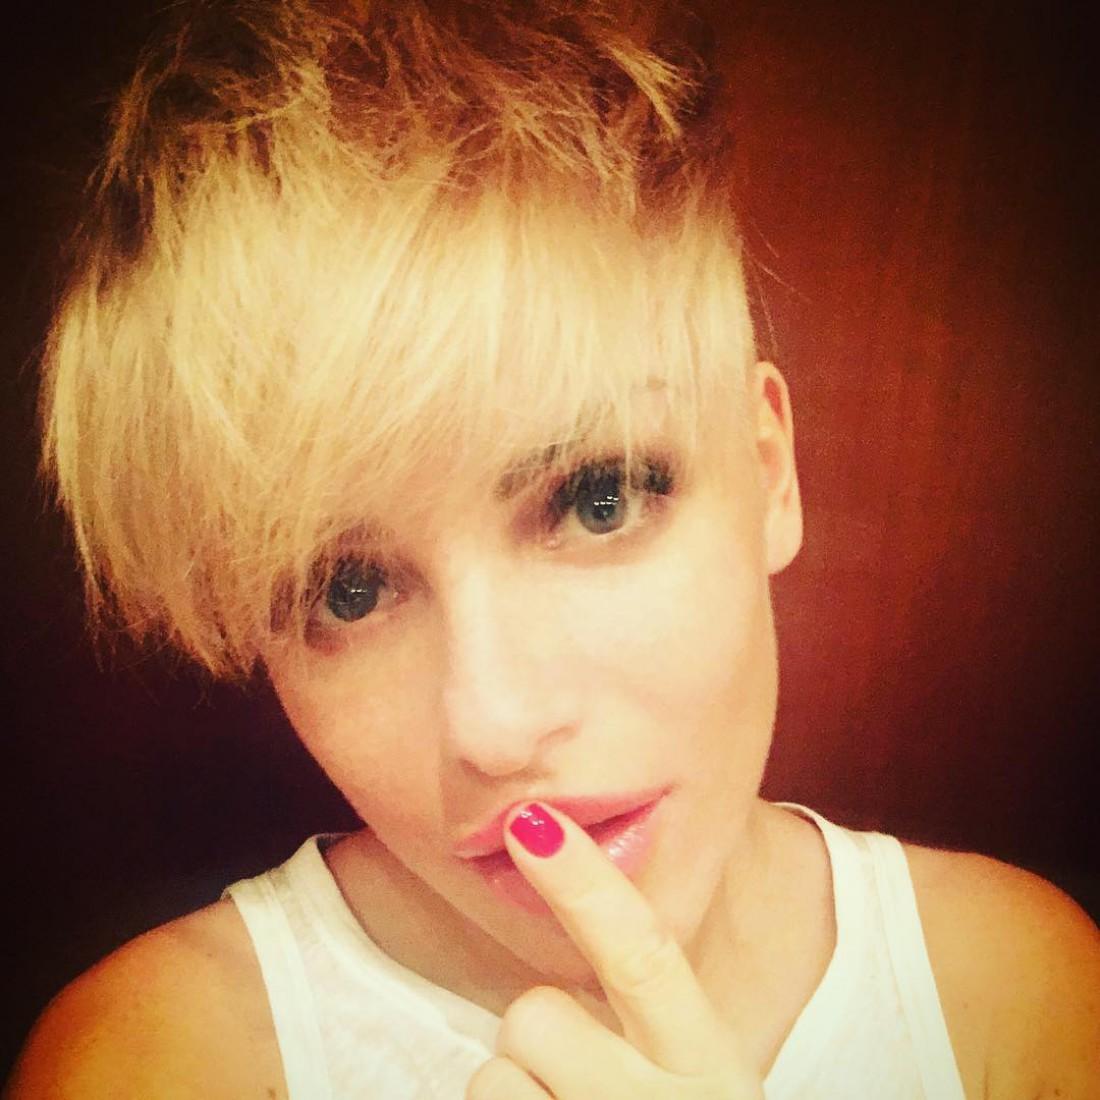 Юля Волкова стала блондинкой